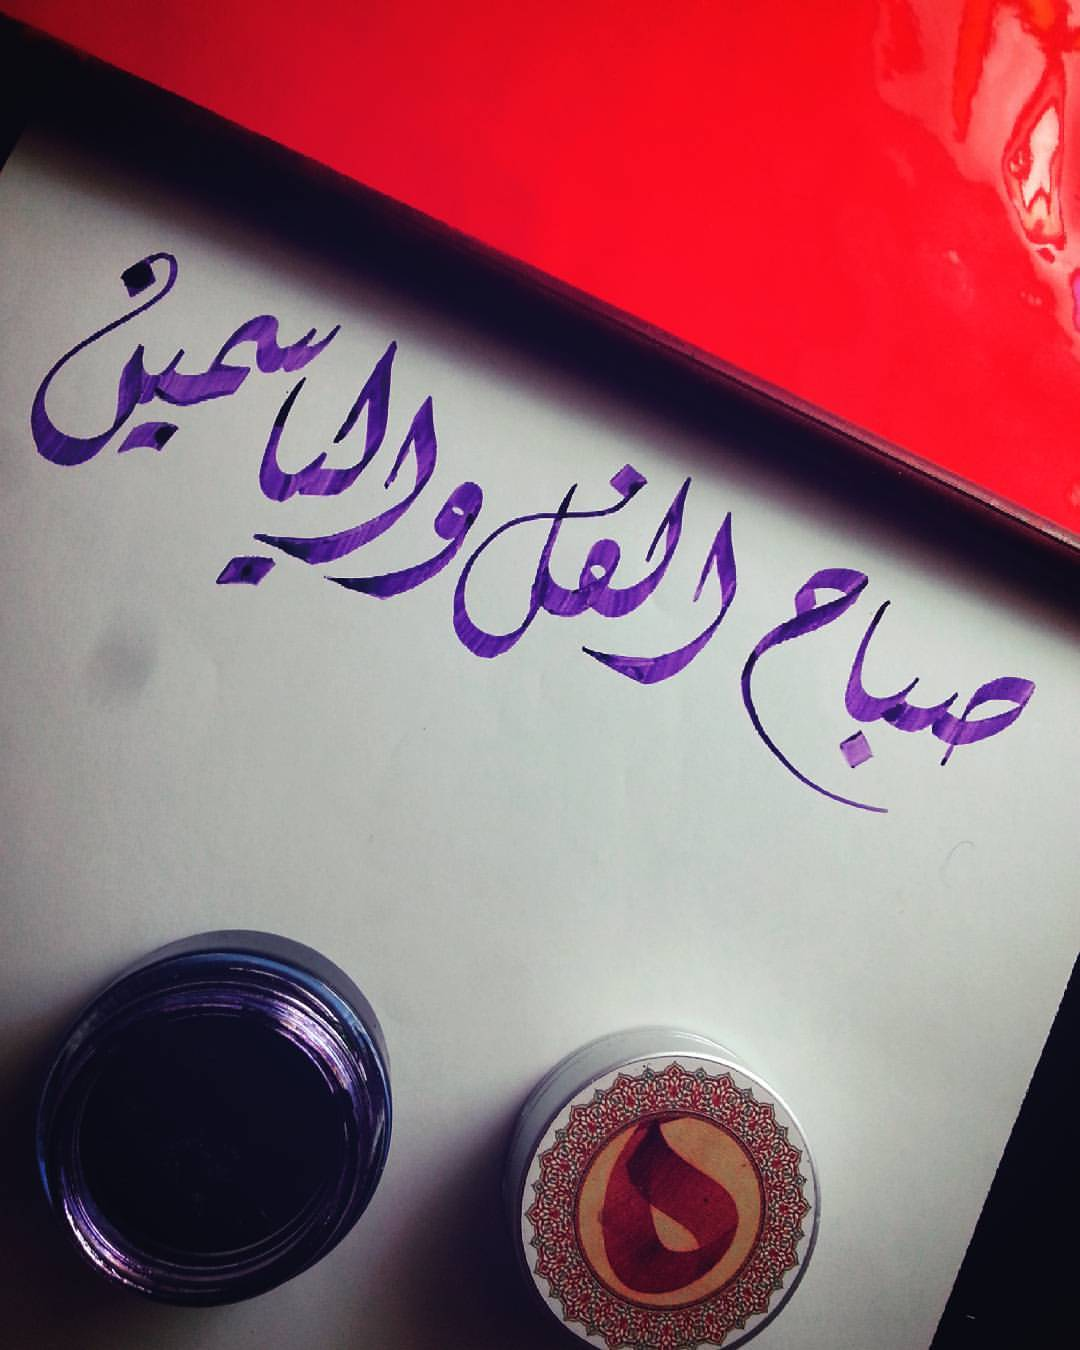 بالصور صباح الفل , اجمل صباح الفل والياسمين العطر 5267 4